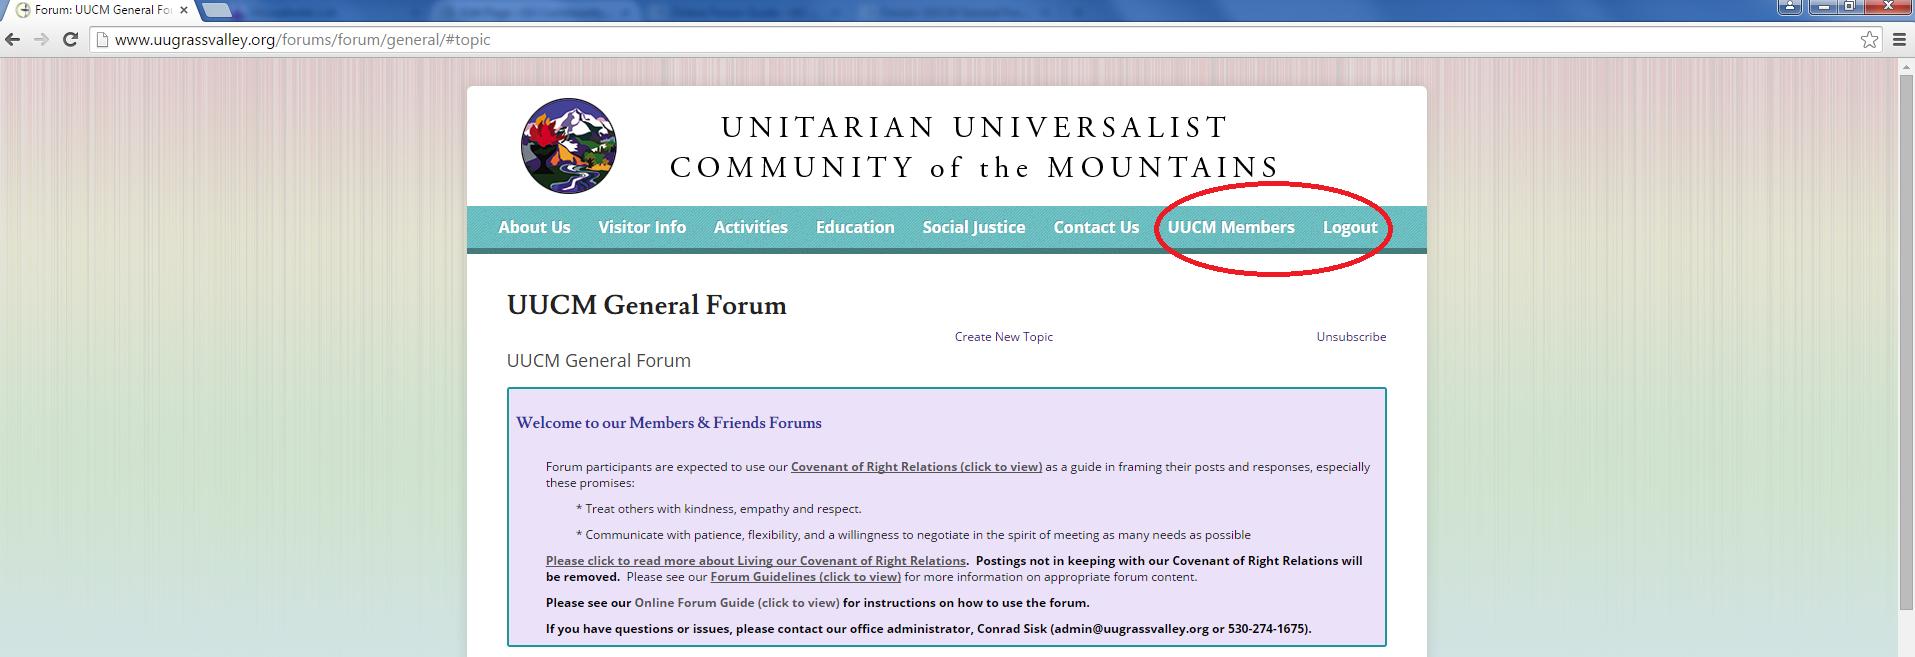 UUCM Members